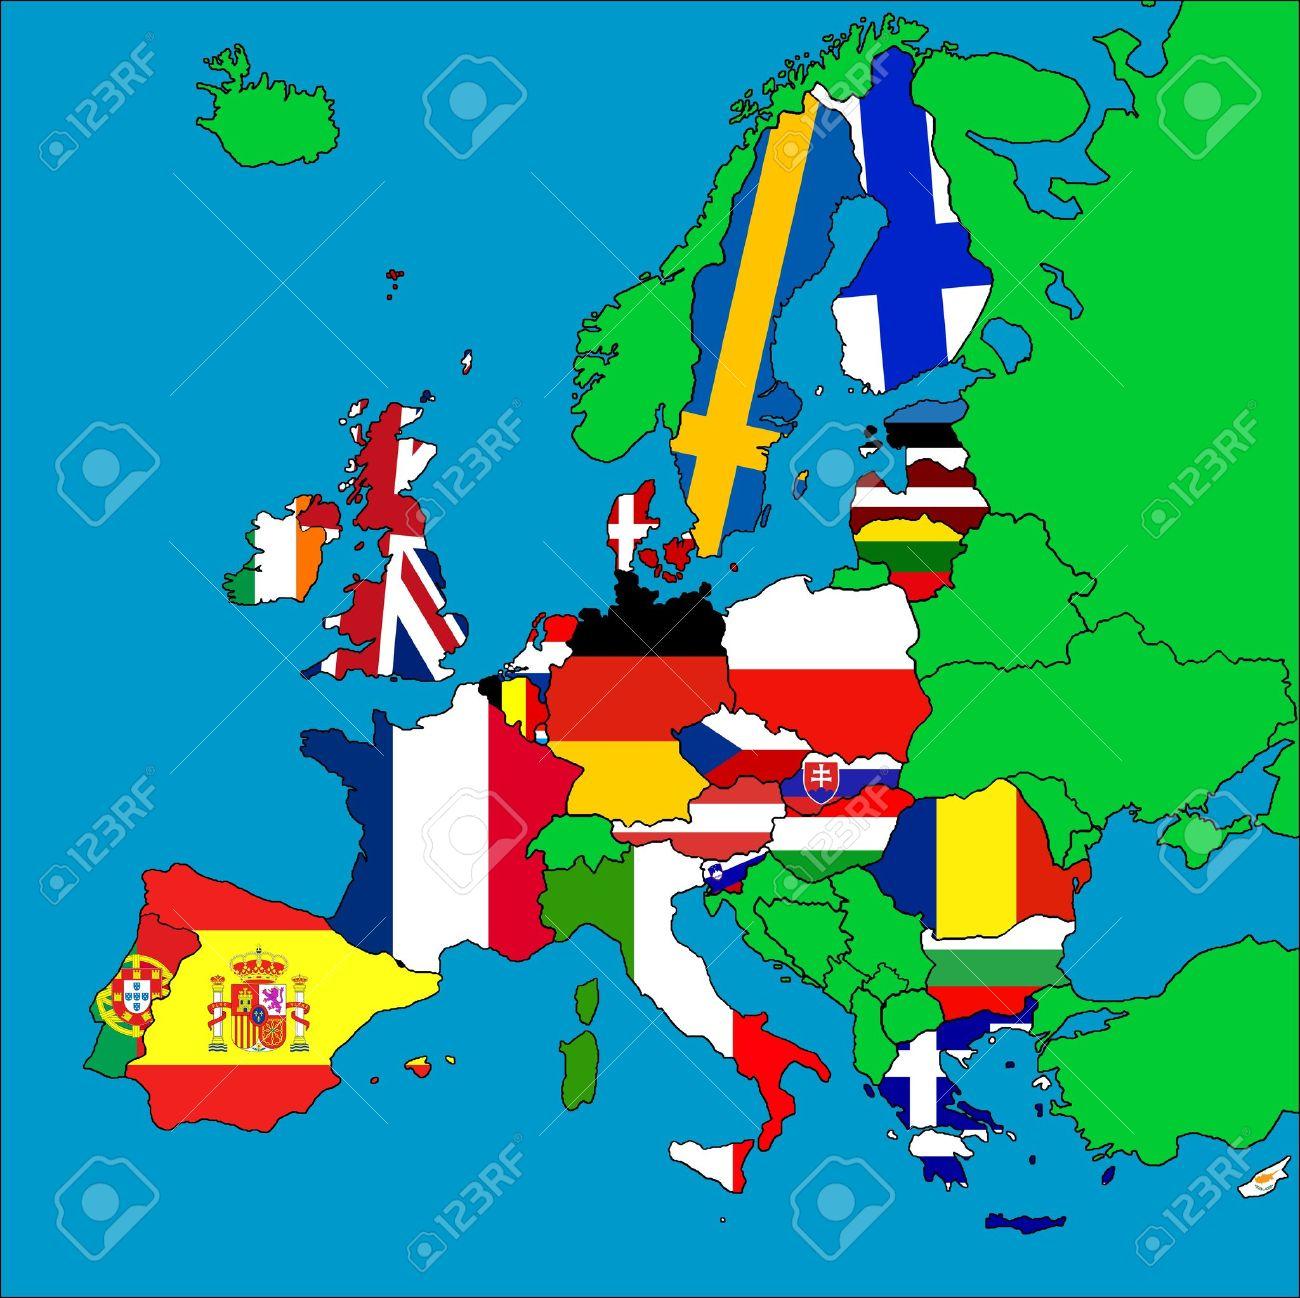 Une Carte De L'europe Avec Tous Les Pays Membres De L'ue Représentés Par  Leurs Drapeaux. concernant Carte Pays Membre De L Ue